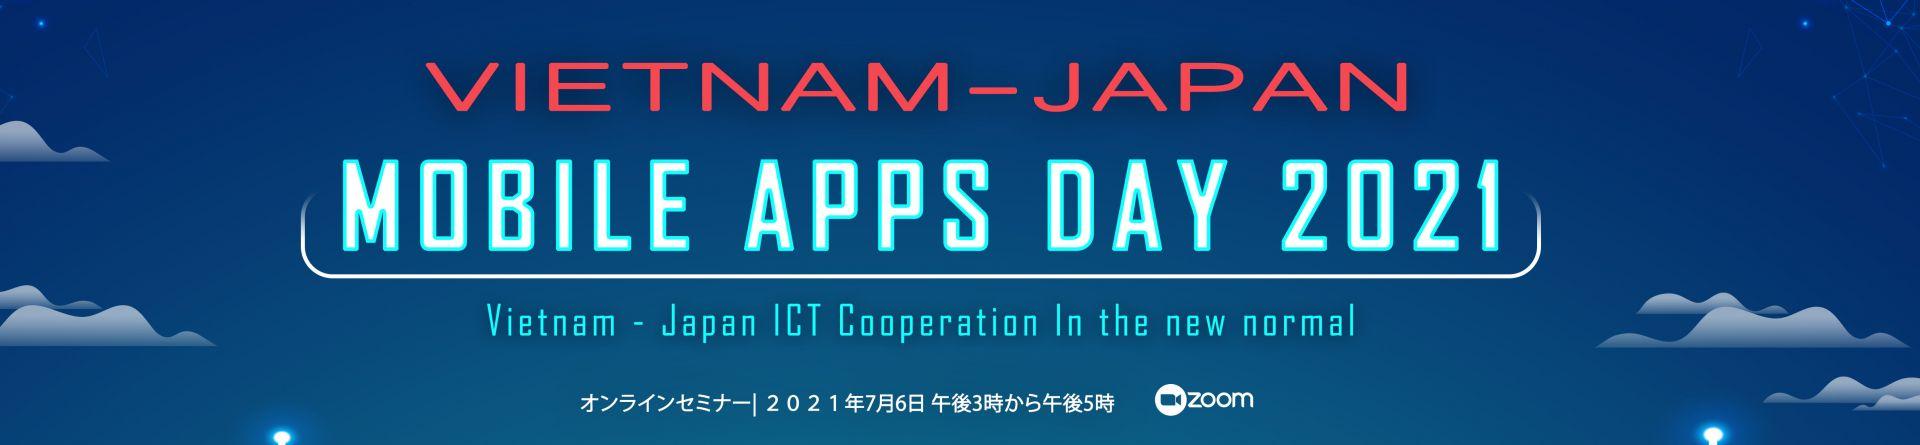 Ngày Mobile Apps Việt Nam - Nhật Bản